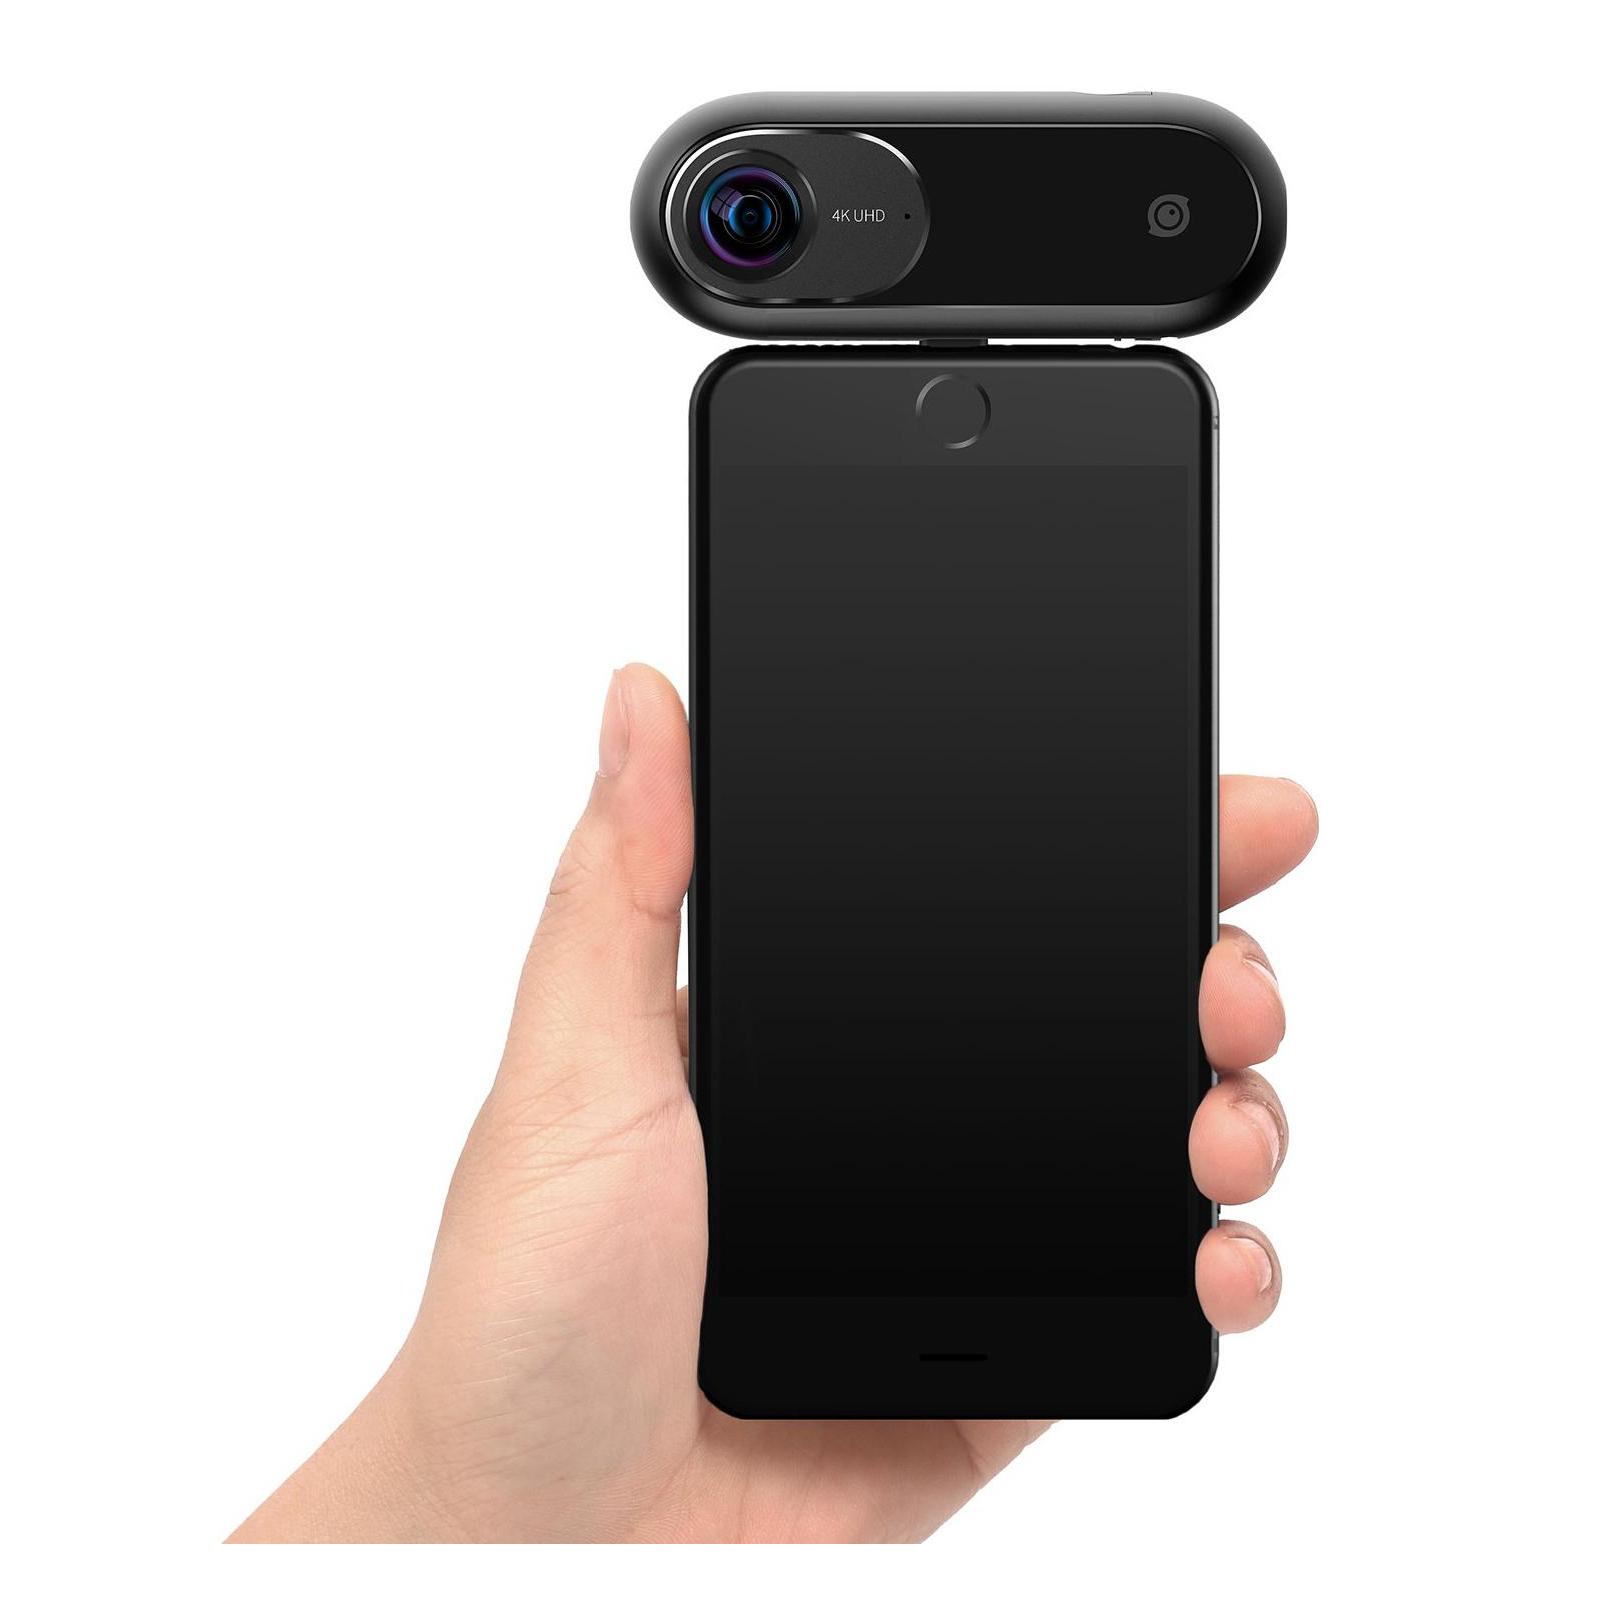 Цифровая видеокамера Insta360 One (305000) изображение 11